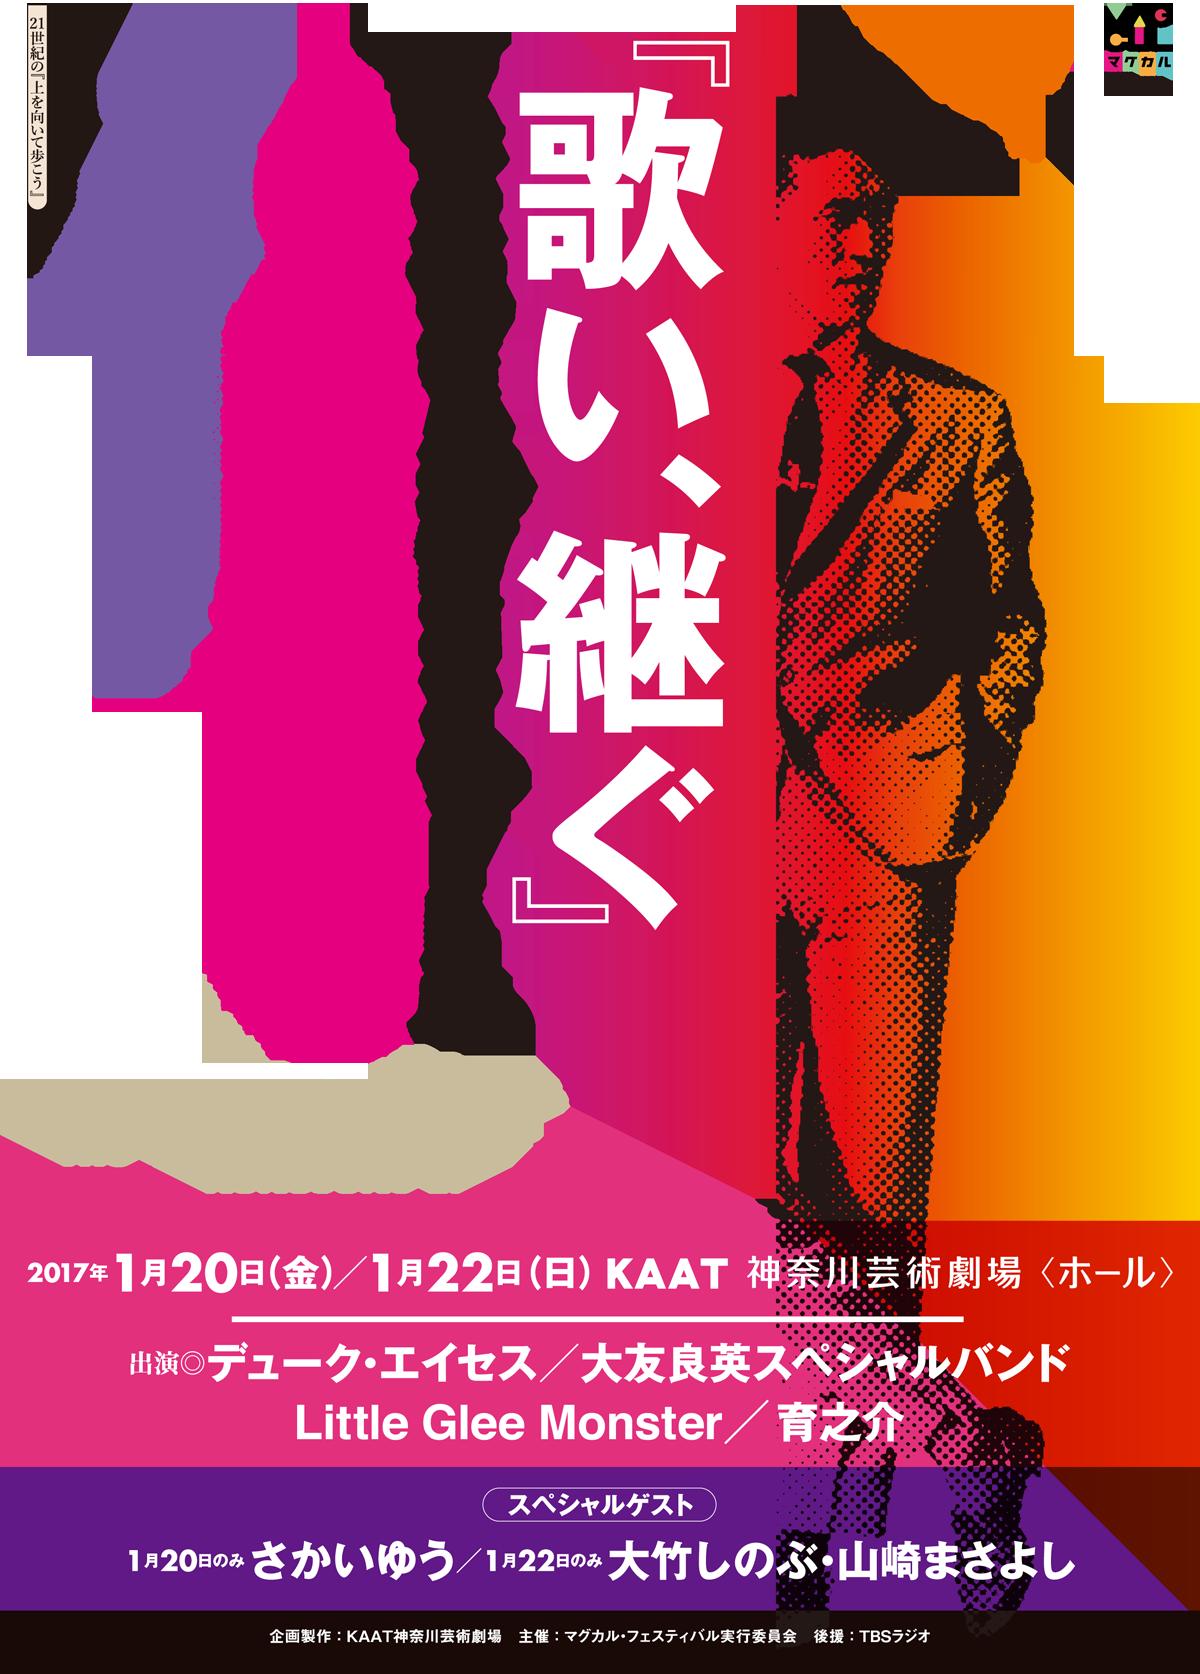 『歌い、継ぐ』  ~永六輔さん追悼コンサート~